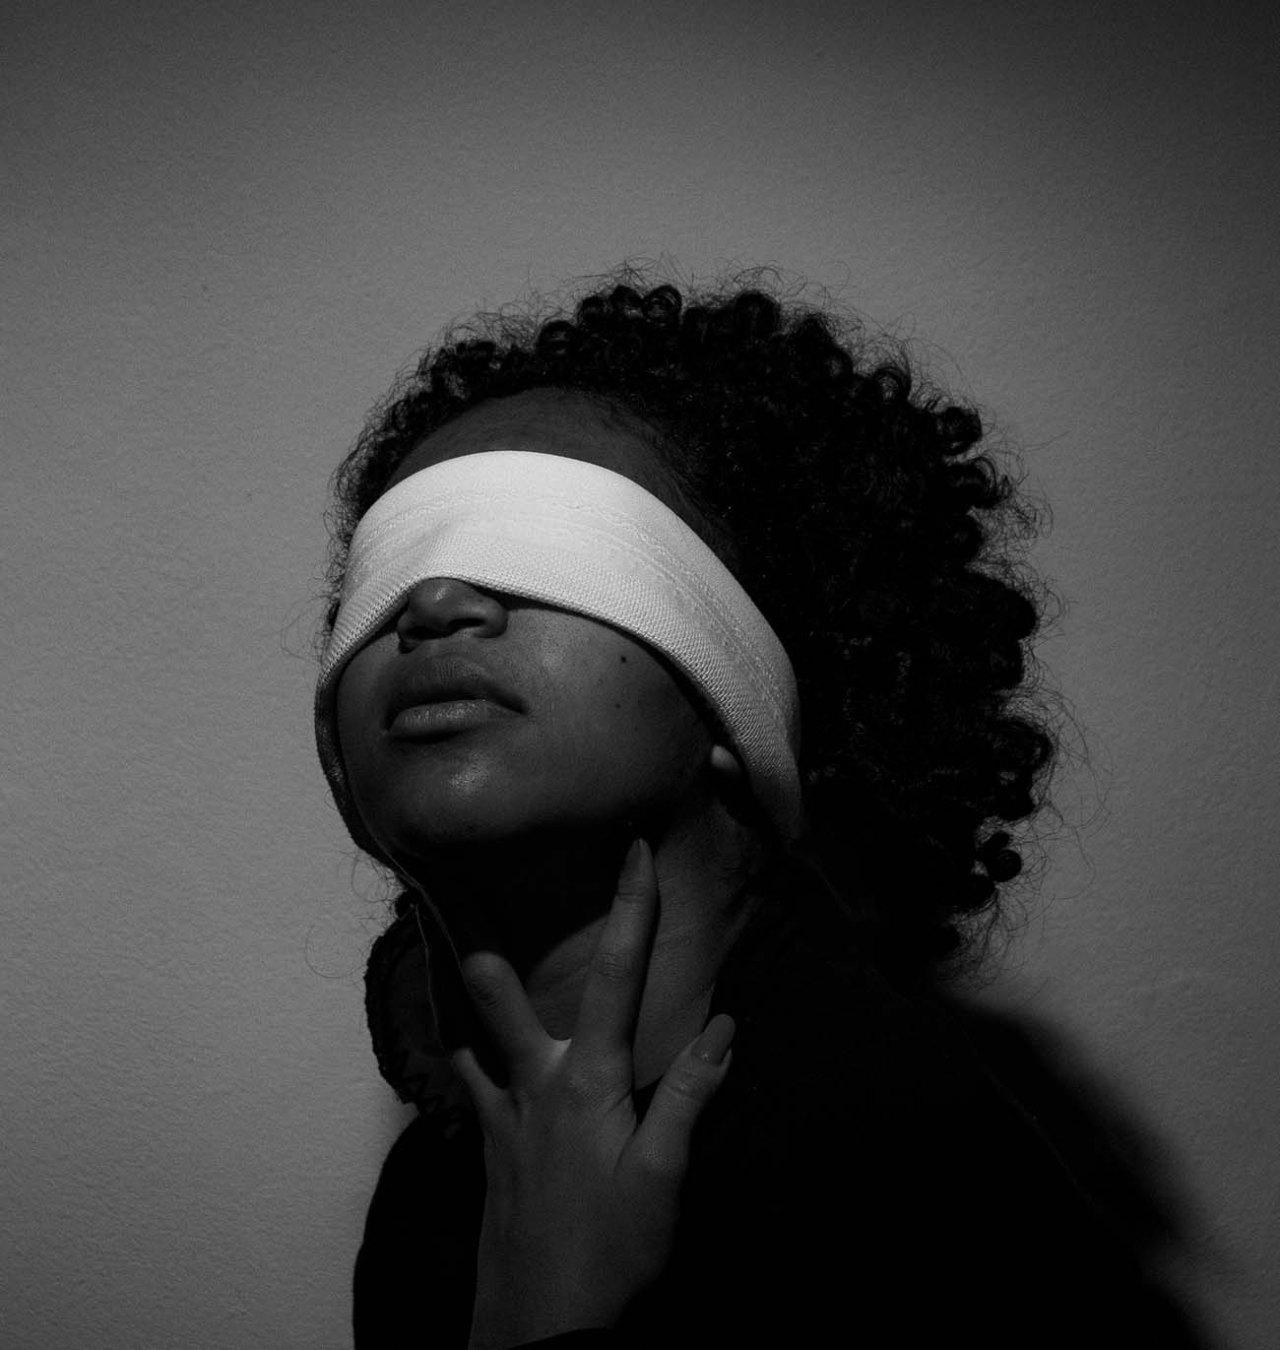 Mulher vendada, imagem ilustrativa. Pessoas nascidas cegas são misteriosamente protegidas da esquizofrenia. (Foto: Bruno Feitosa / Pexels)